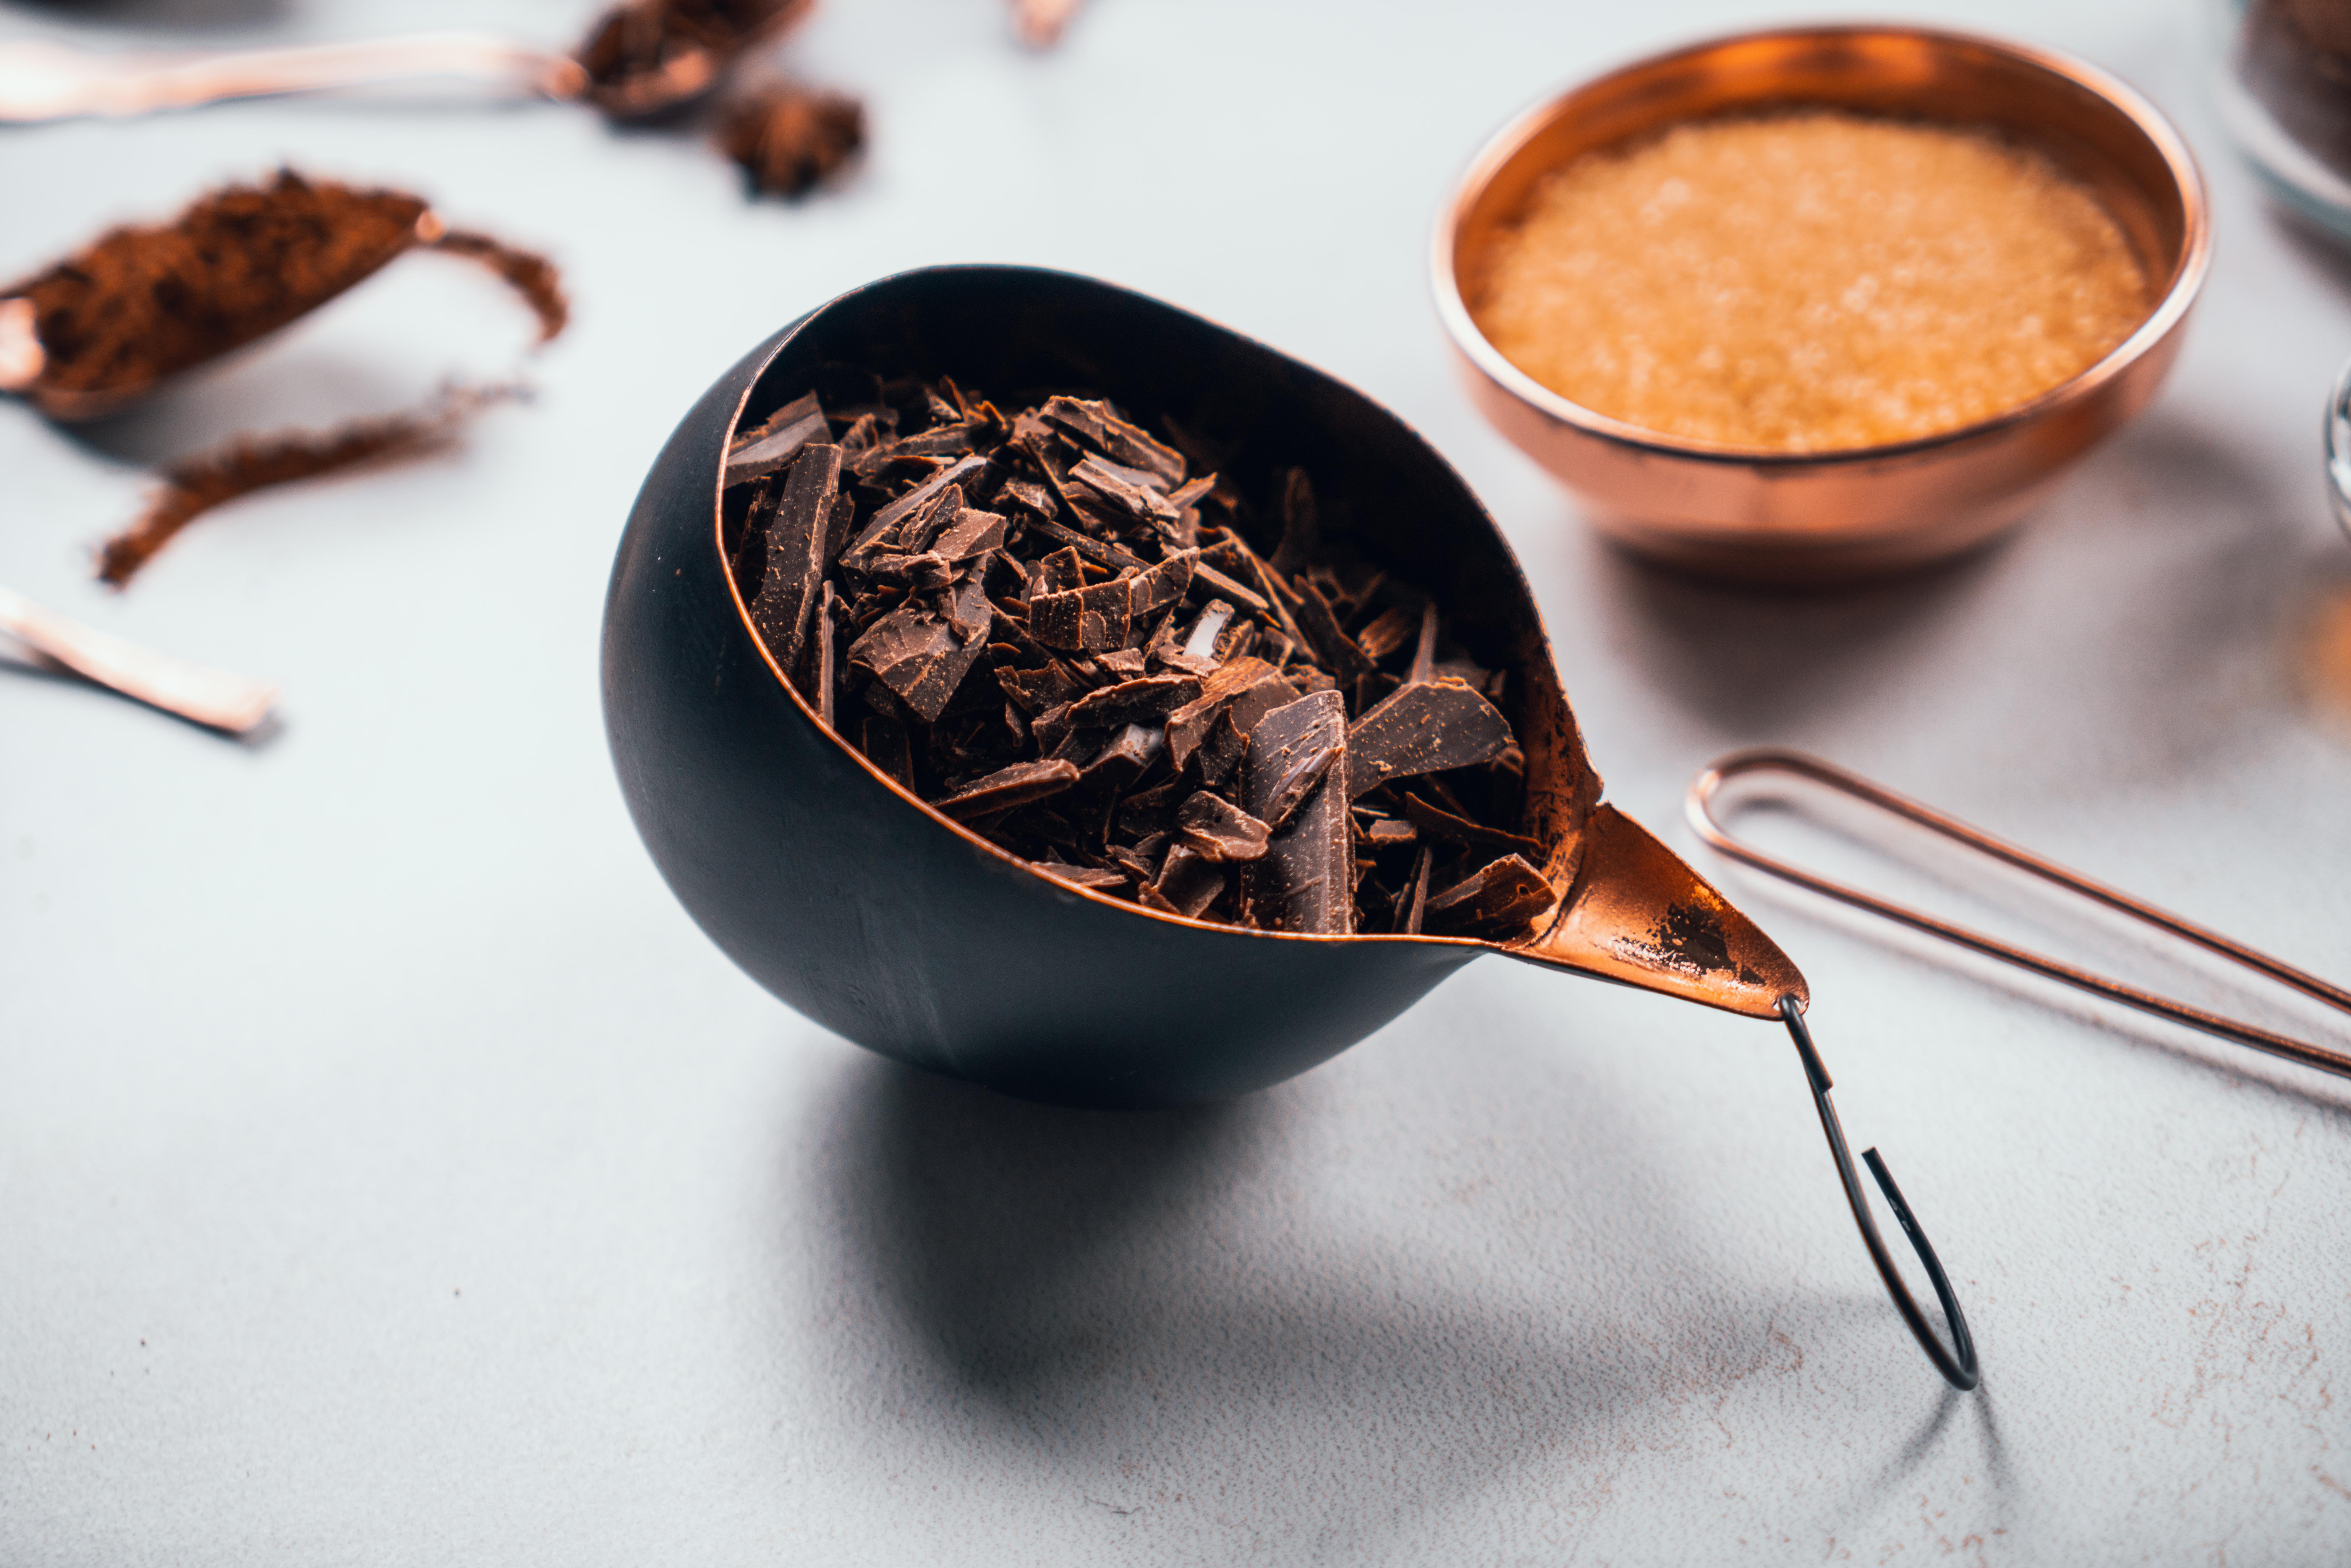 ralladura de chocolate para hacer el mejor chocolate caliente para sorprender a tus amigos y familia, bebidas reconfortantes para el invierno